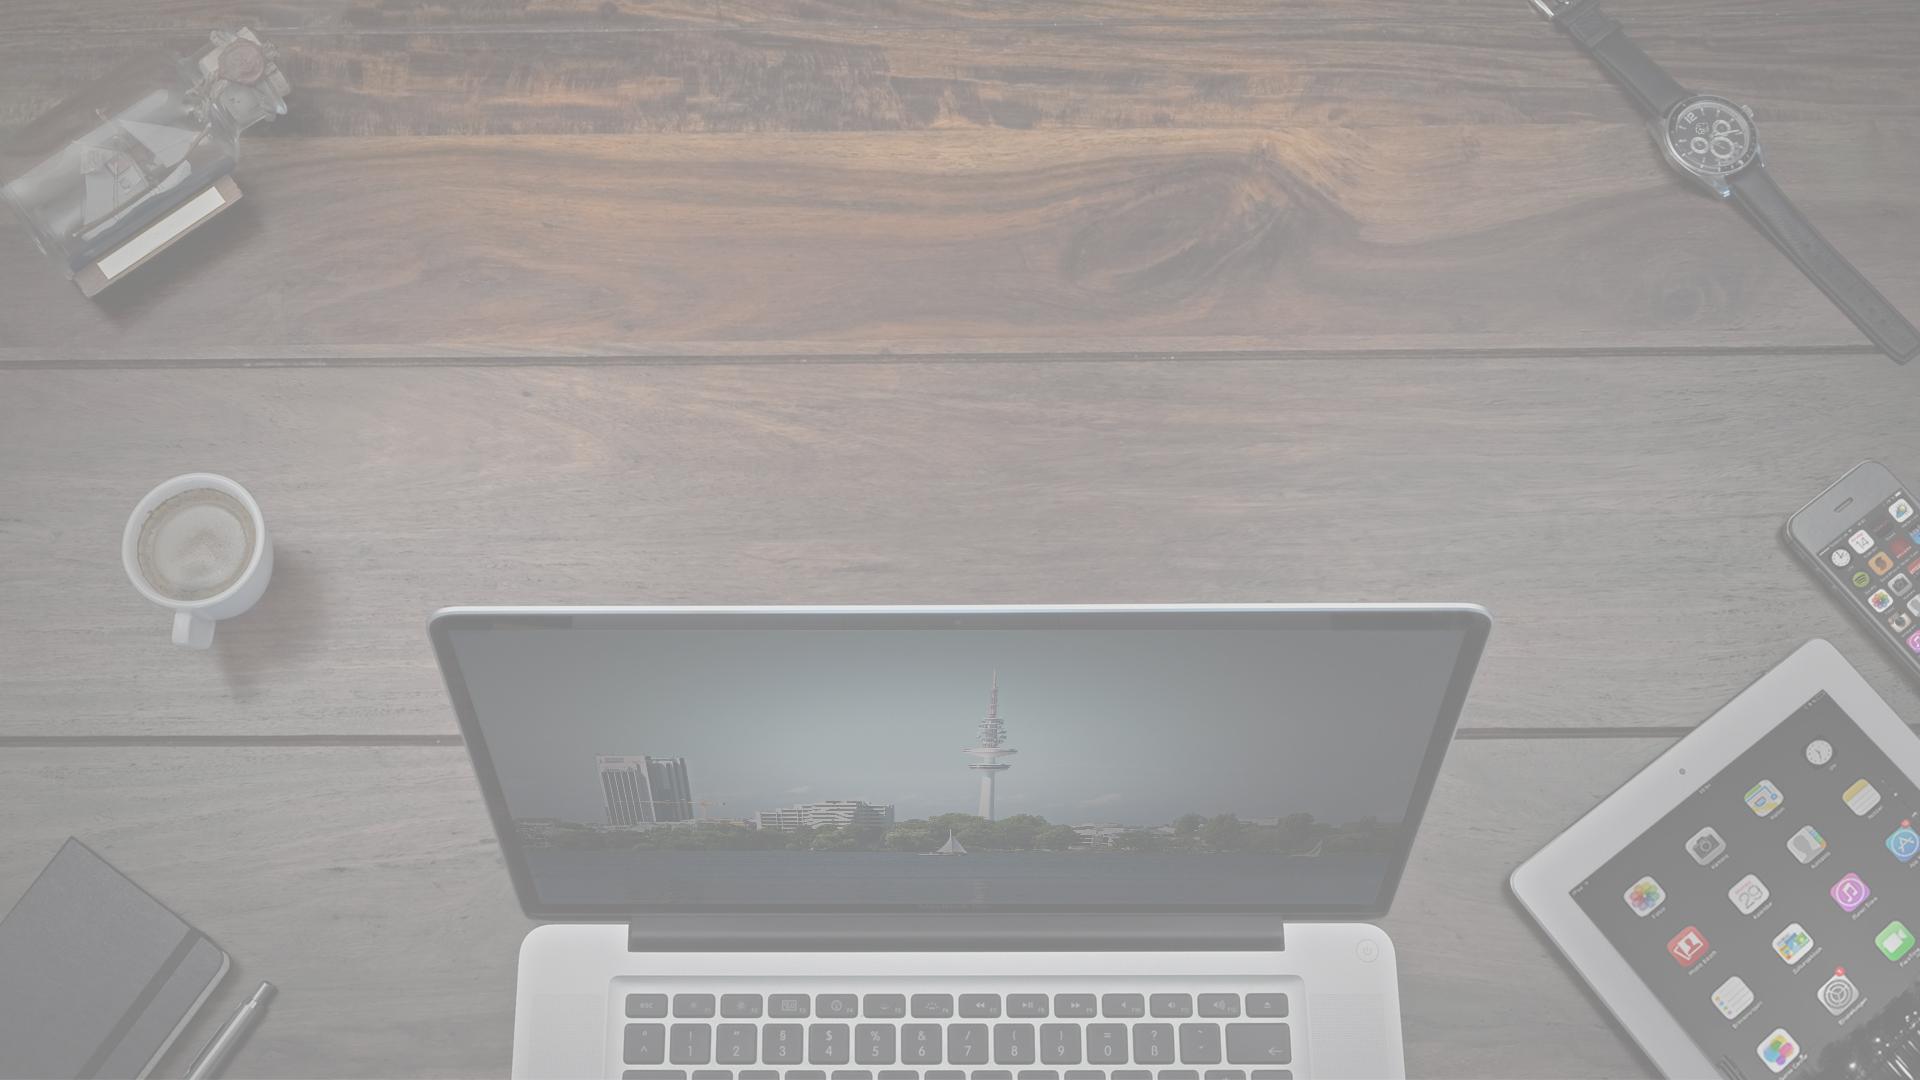 Schreibtisch_lionment-16zu9_desktop_new1